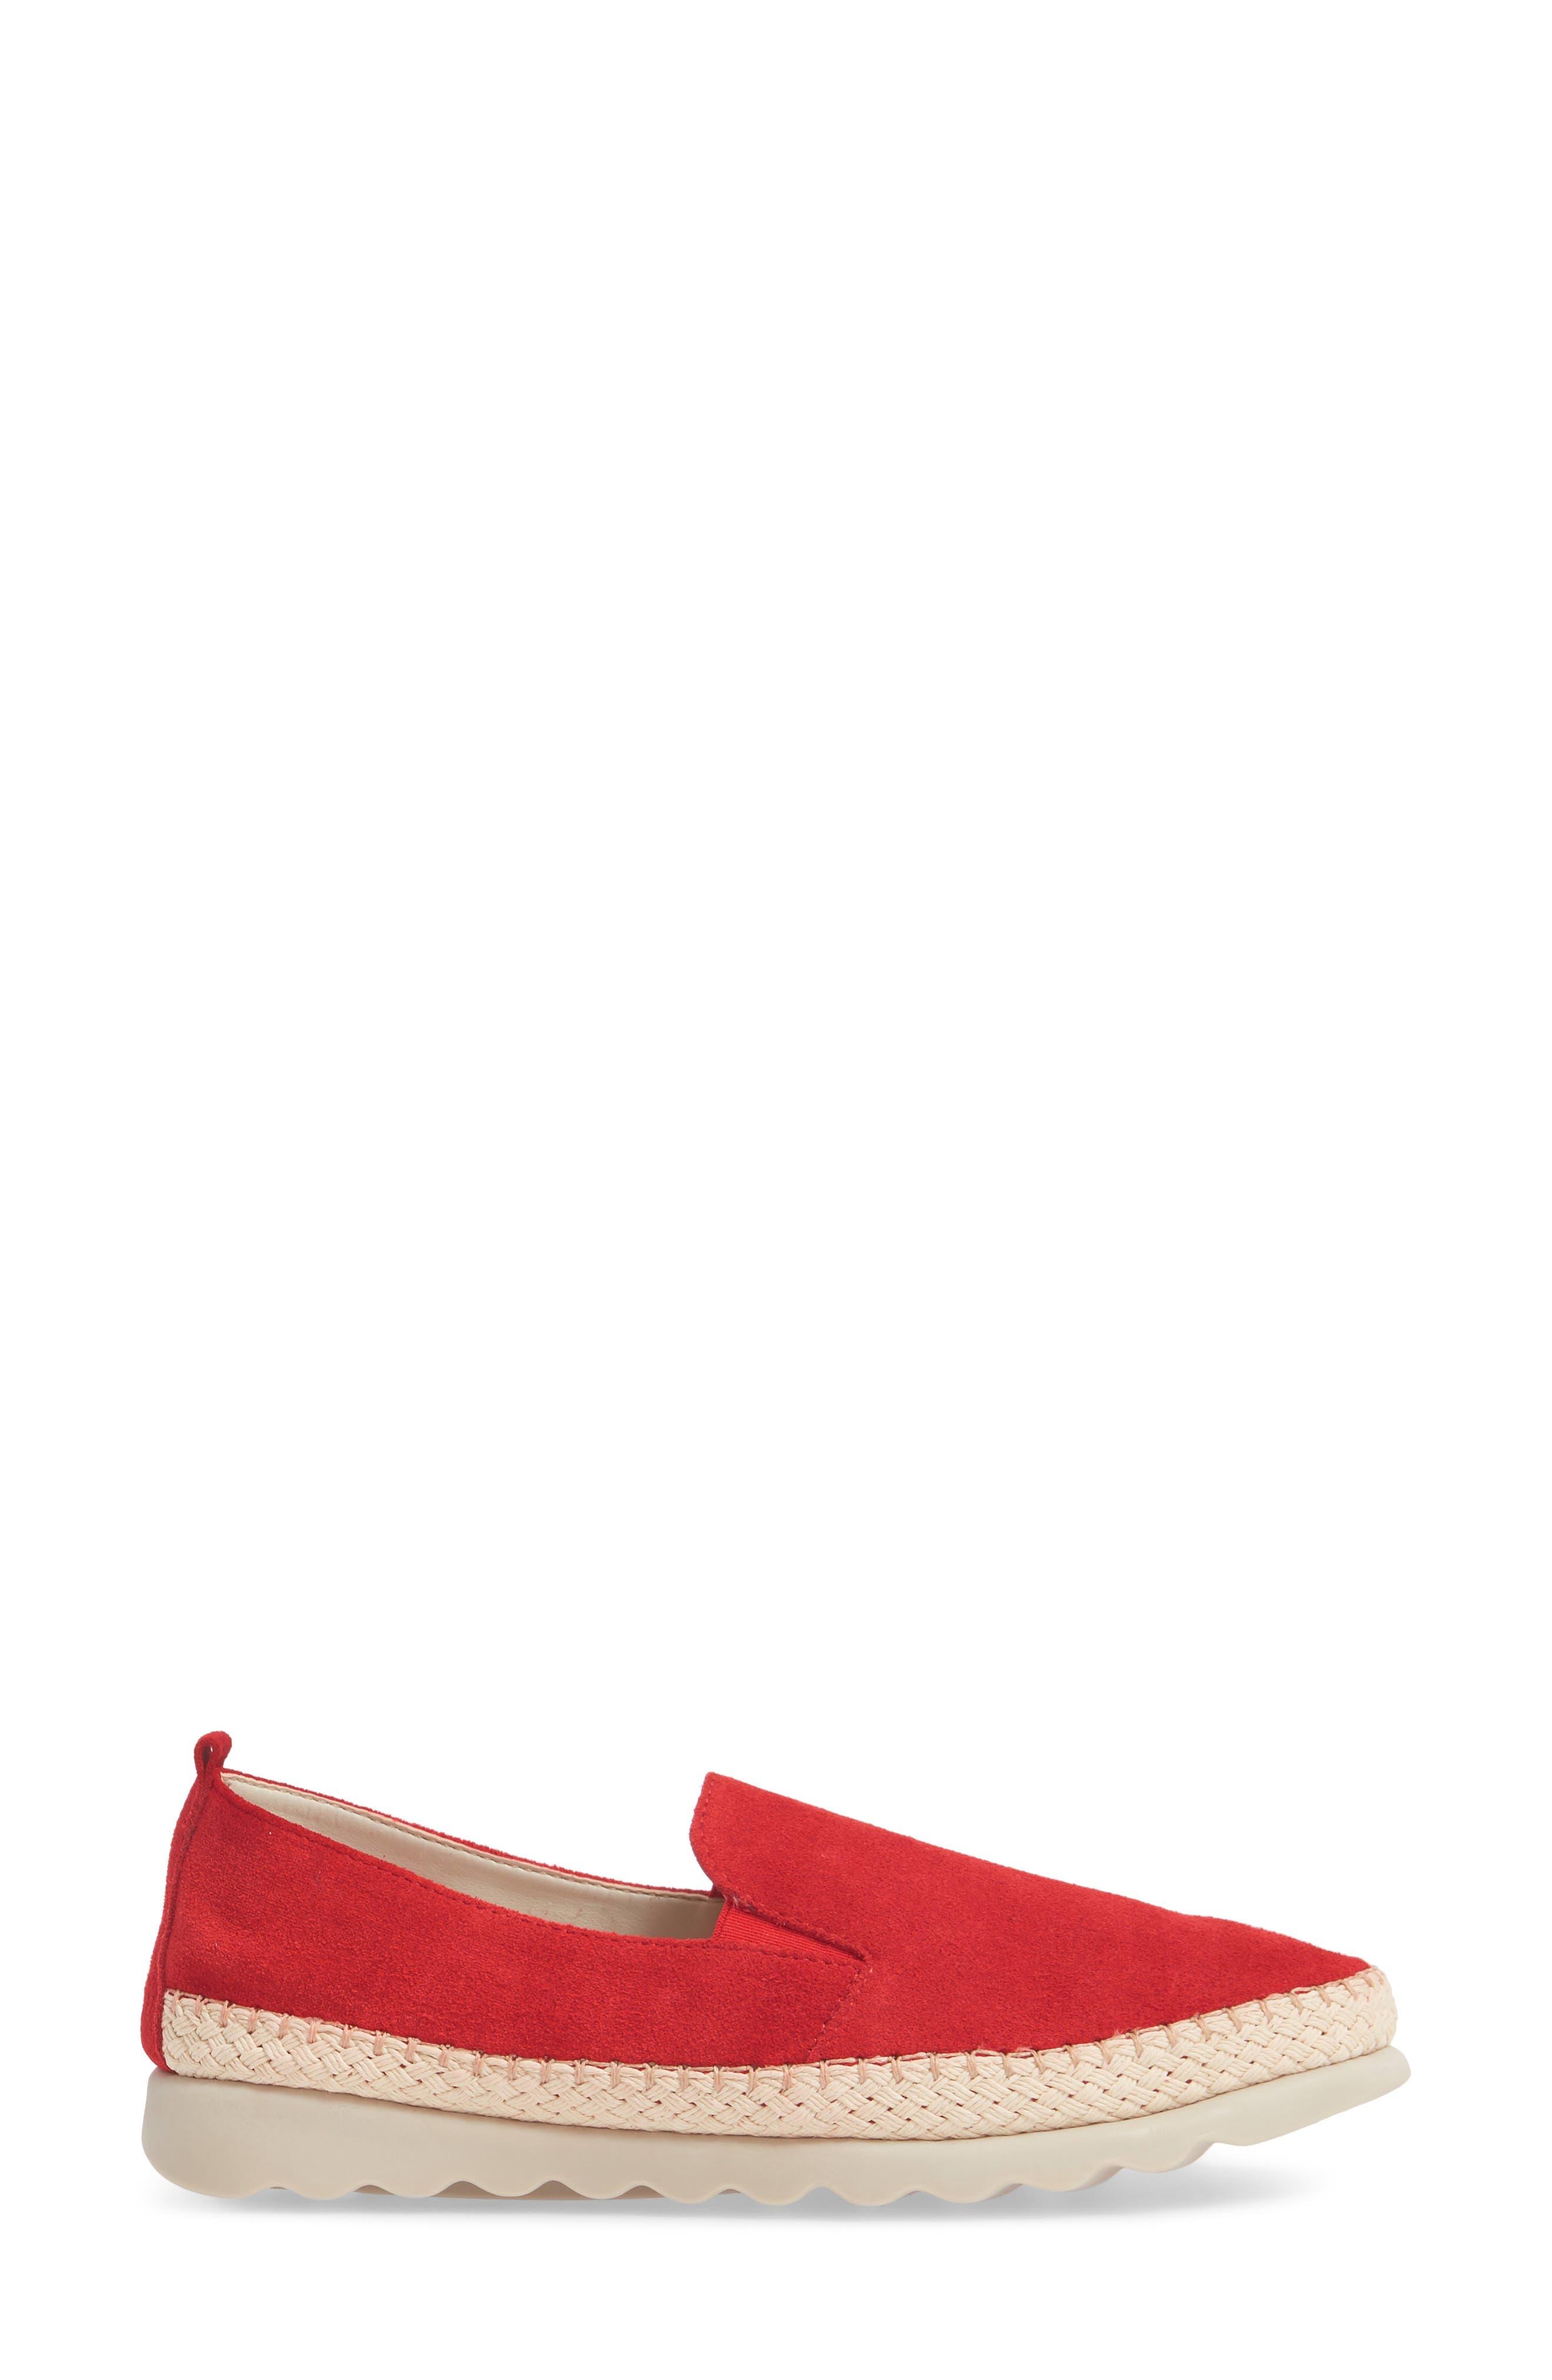 Chappie Slip-On Sneaker,                             Alternate thumbnail 20, color,